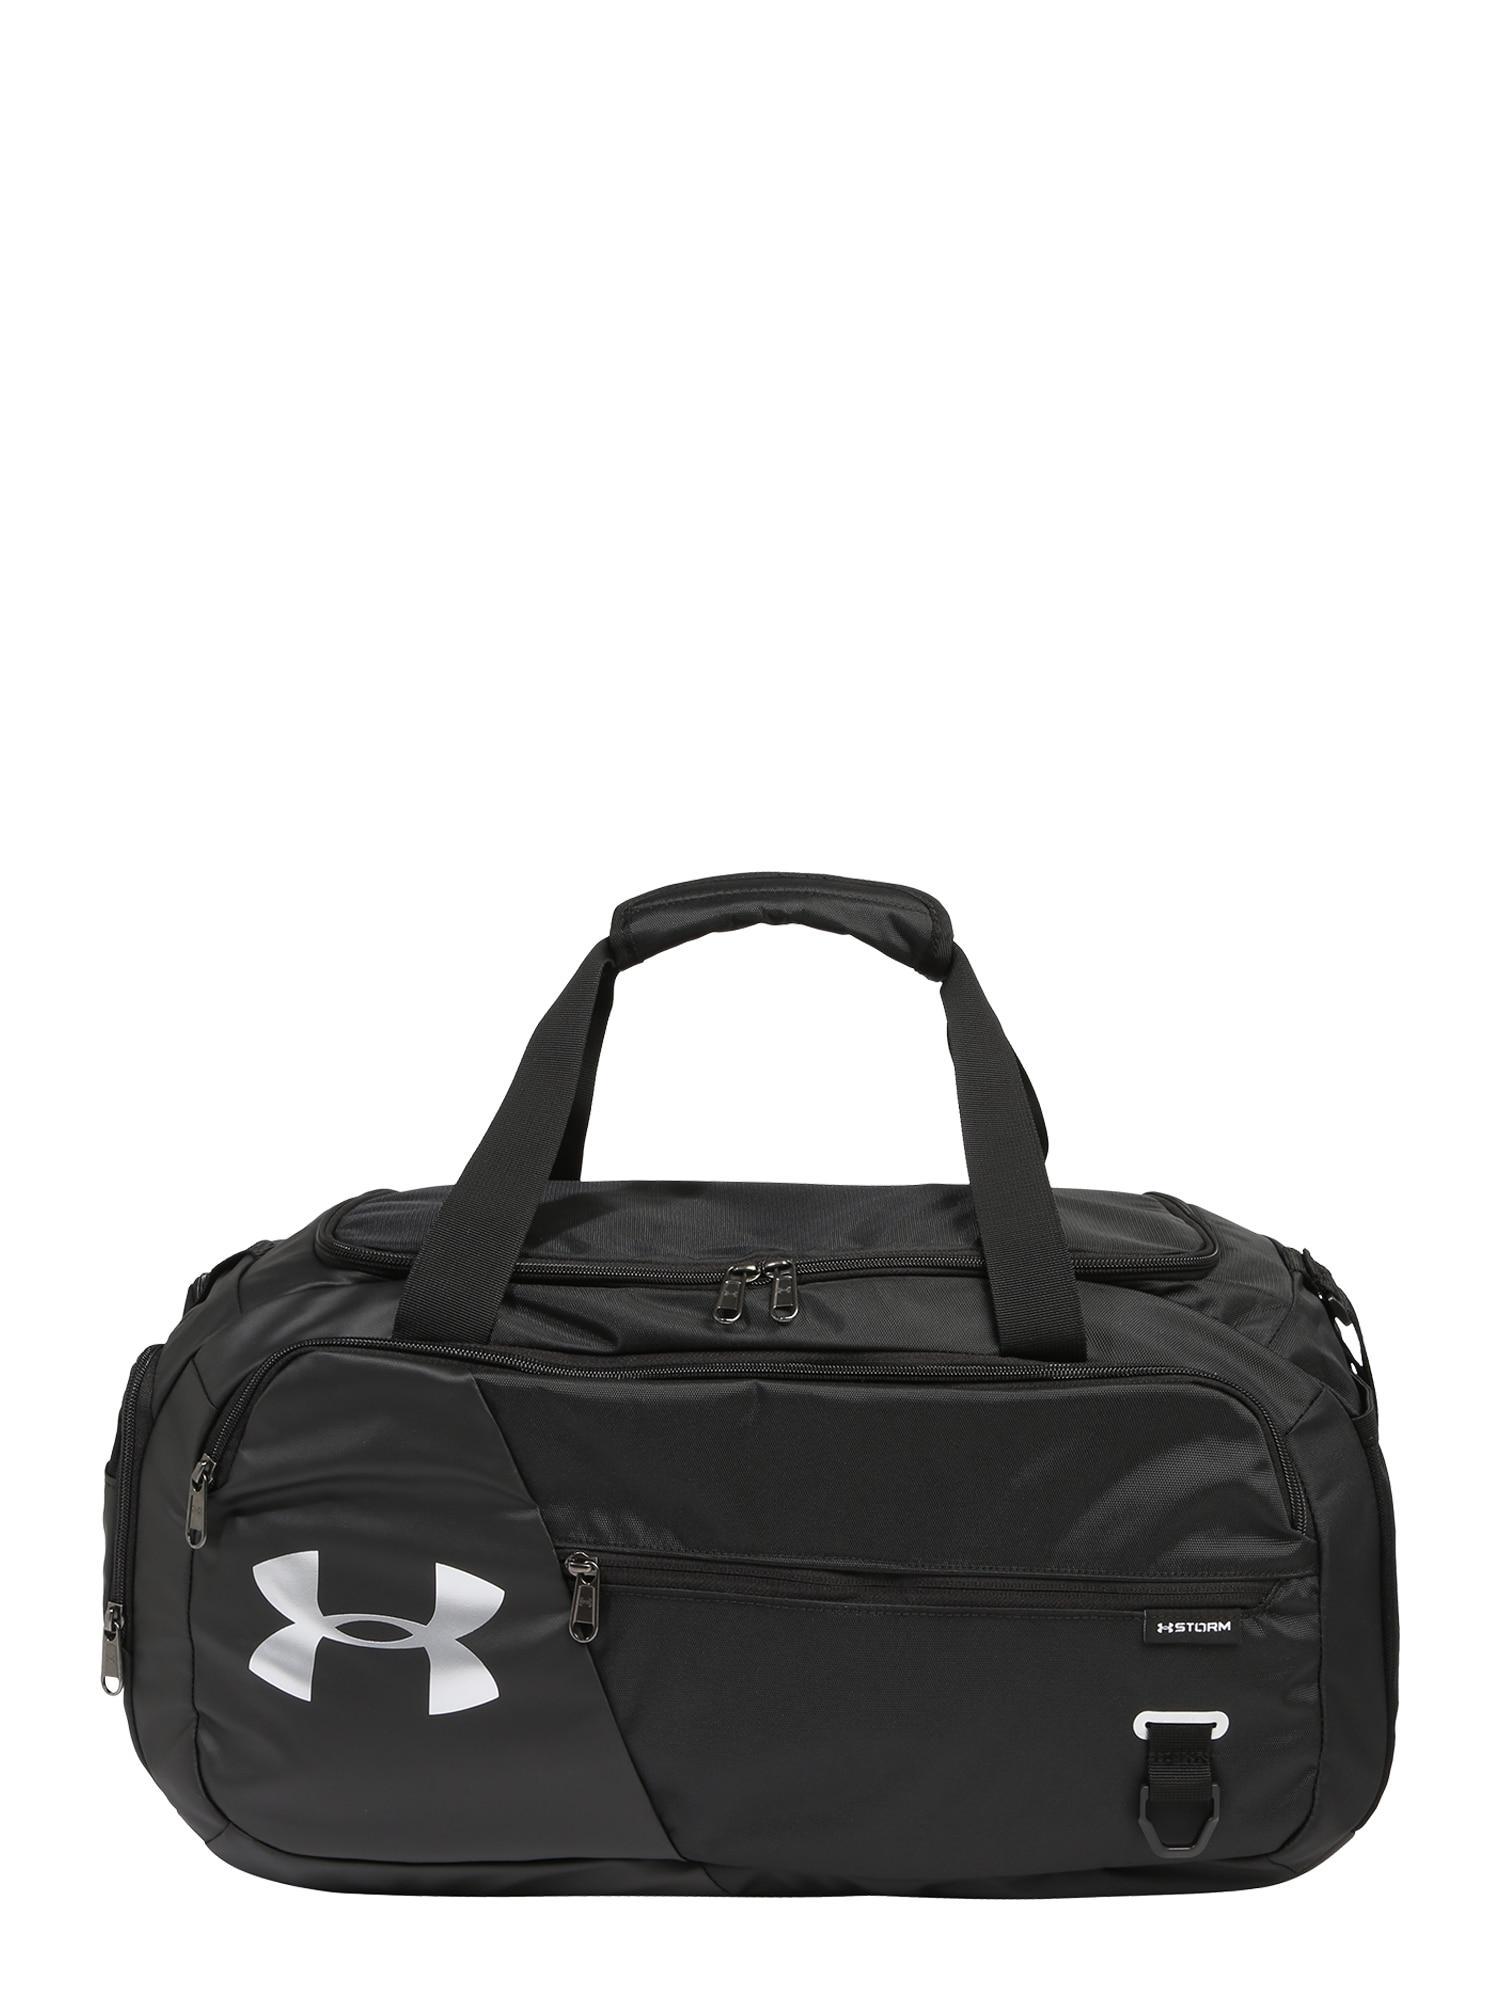 UNDER ARMOUR Sportinis krepšys 'Undeniable Duffel 4.0 Small' juoda